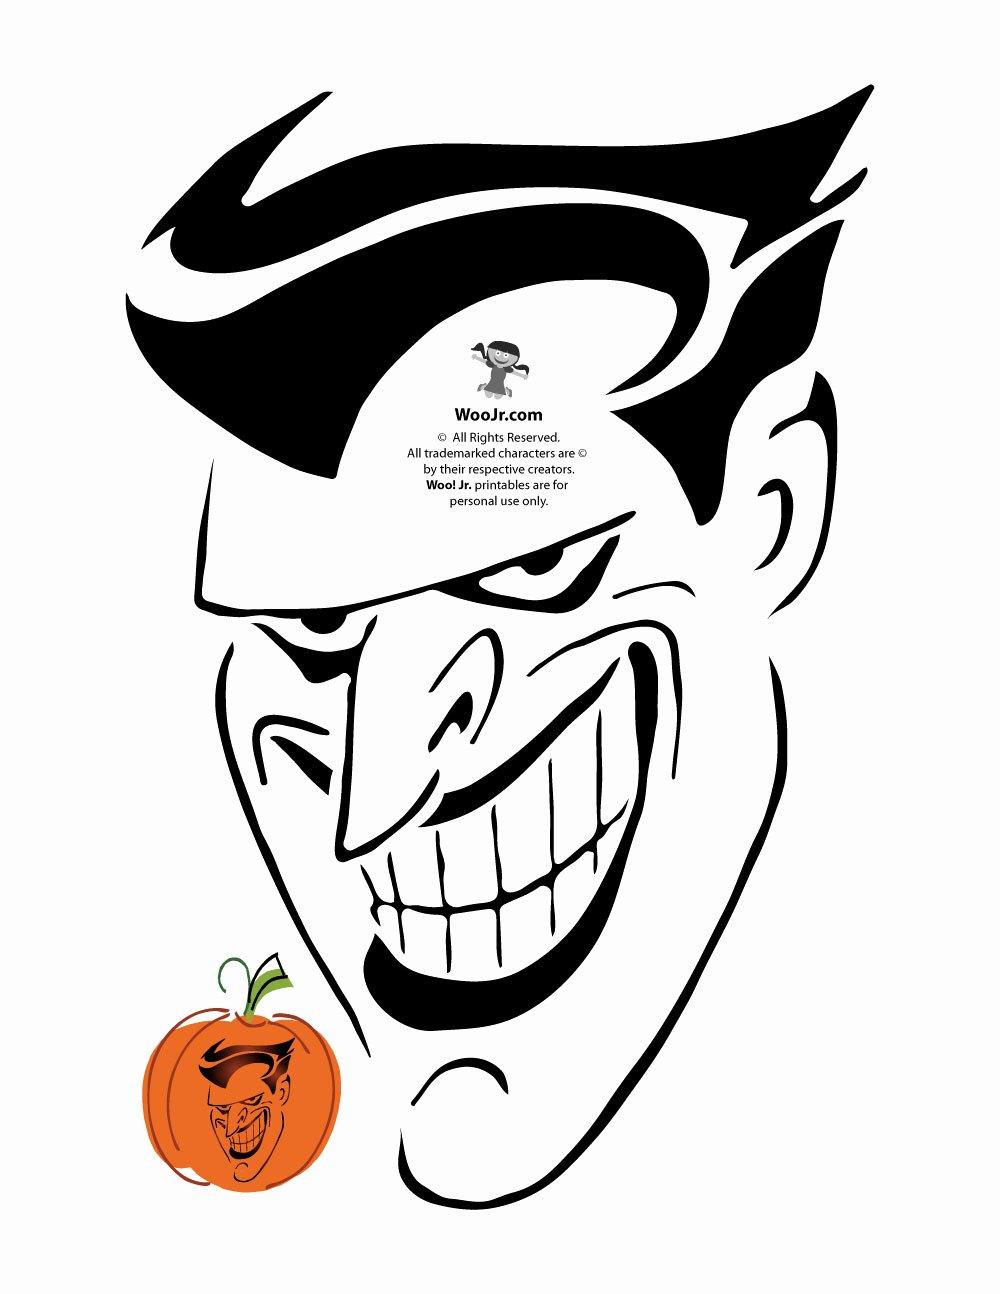 Joker Pumpkin Carving Patterns Awesome Joker Pumpkin